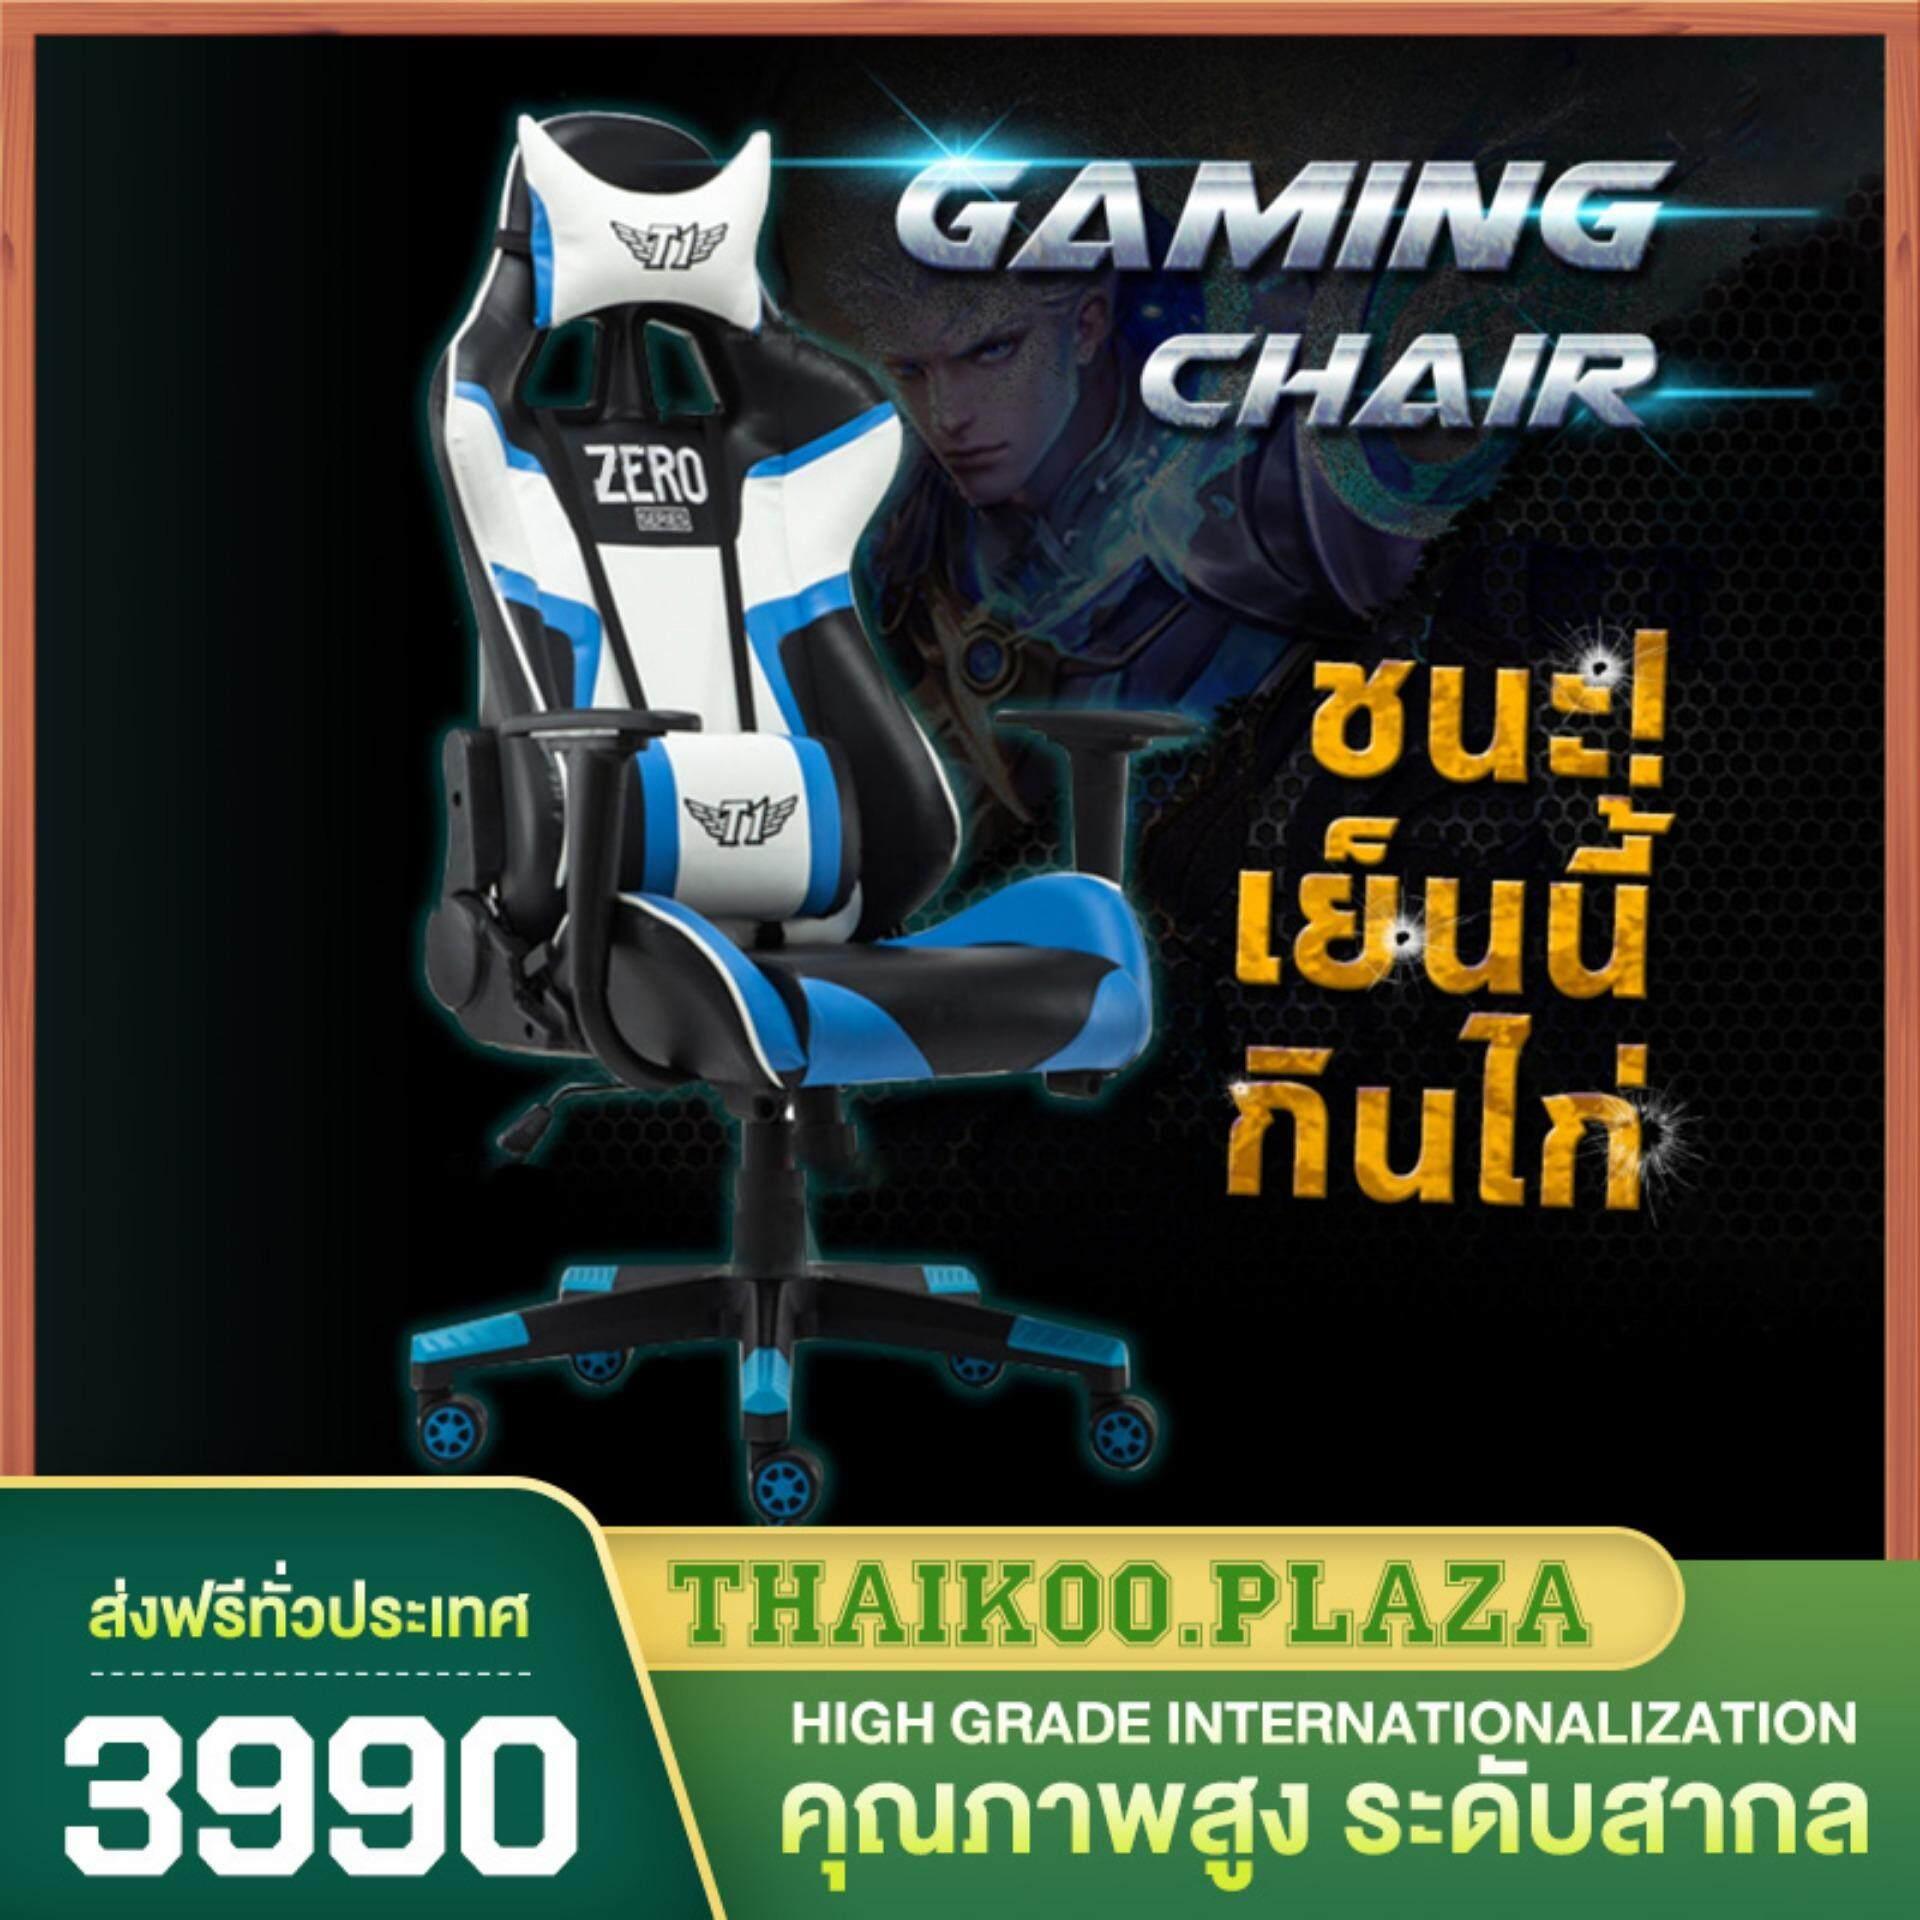 ยี่ห้อไหนดี  Thaikoo Plaza เก้าอี้เล่นเกม เก้าอี้เกมมิ่ง Gaming Chair ปรับความสูงได้ เอนหลังได้ เก้าอี้เกมเล่น LOL PUBG ROV รุ่น